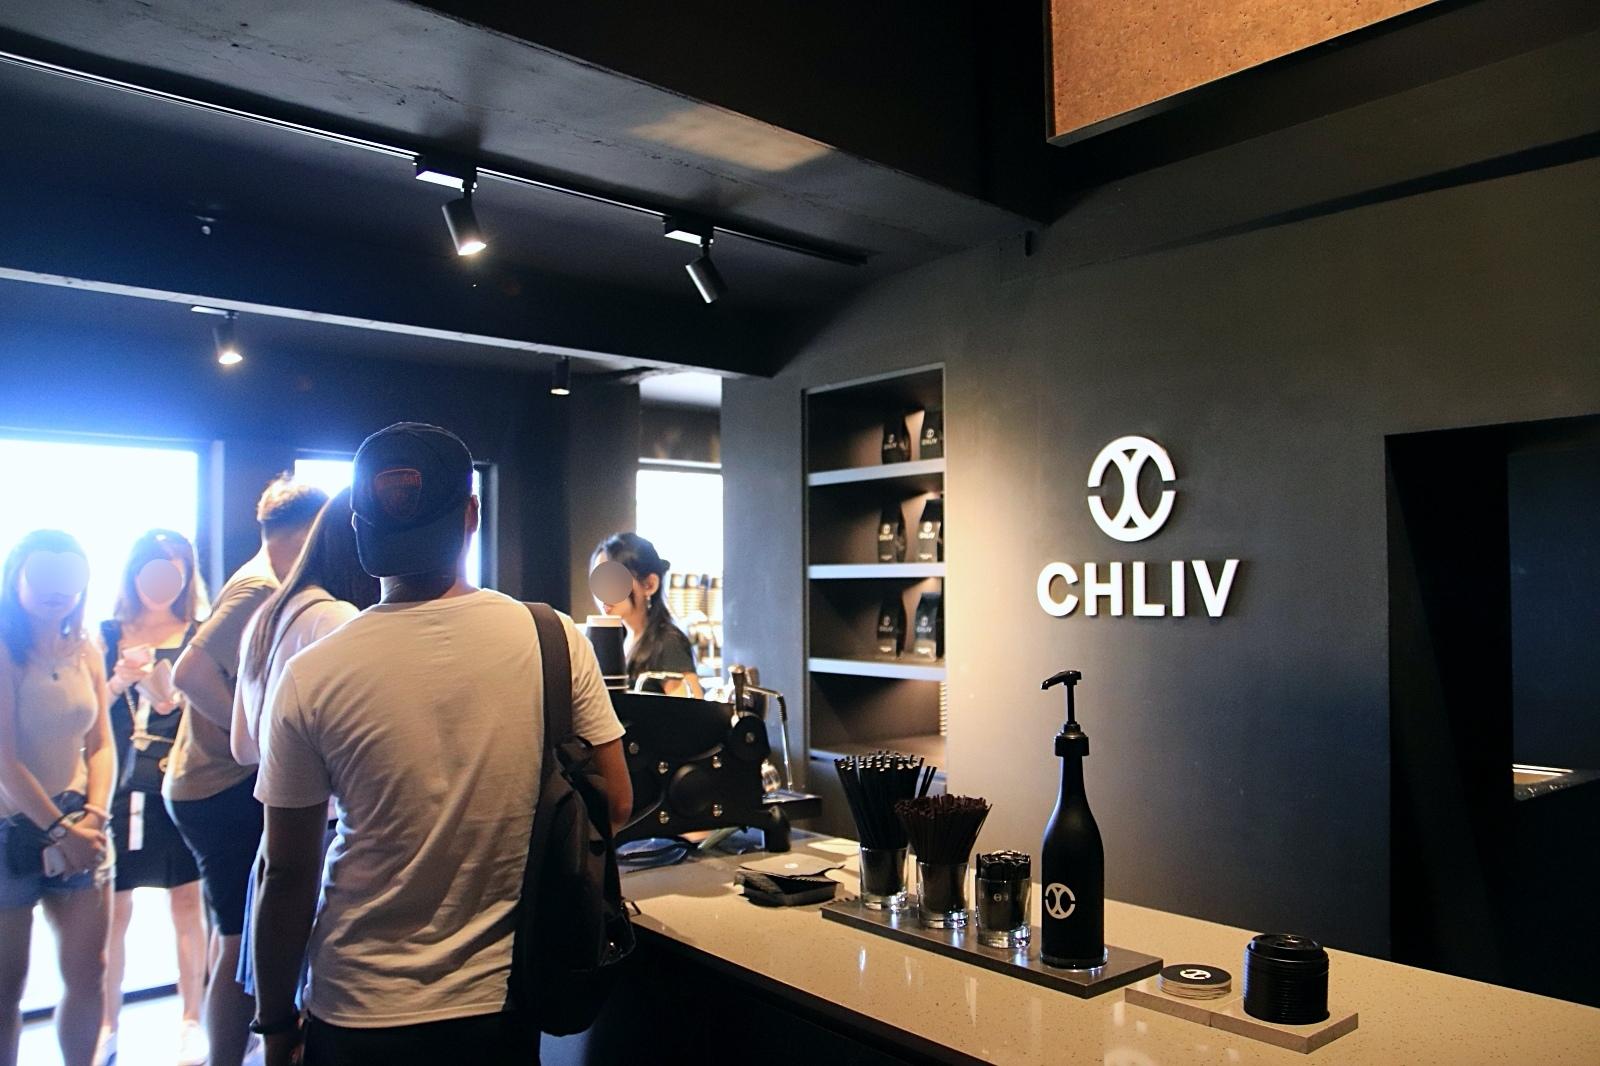 九份山城裡的黑色系咖啡館 CHLIV Jiufen